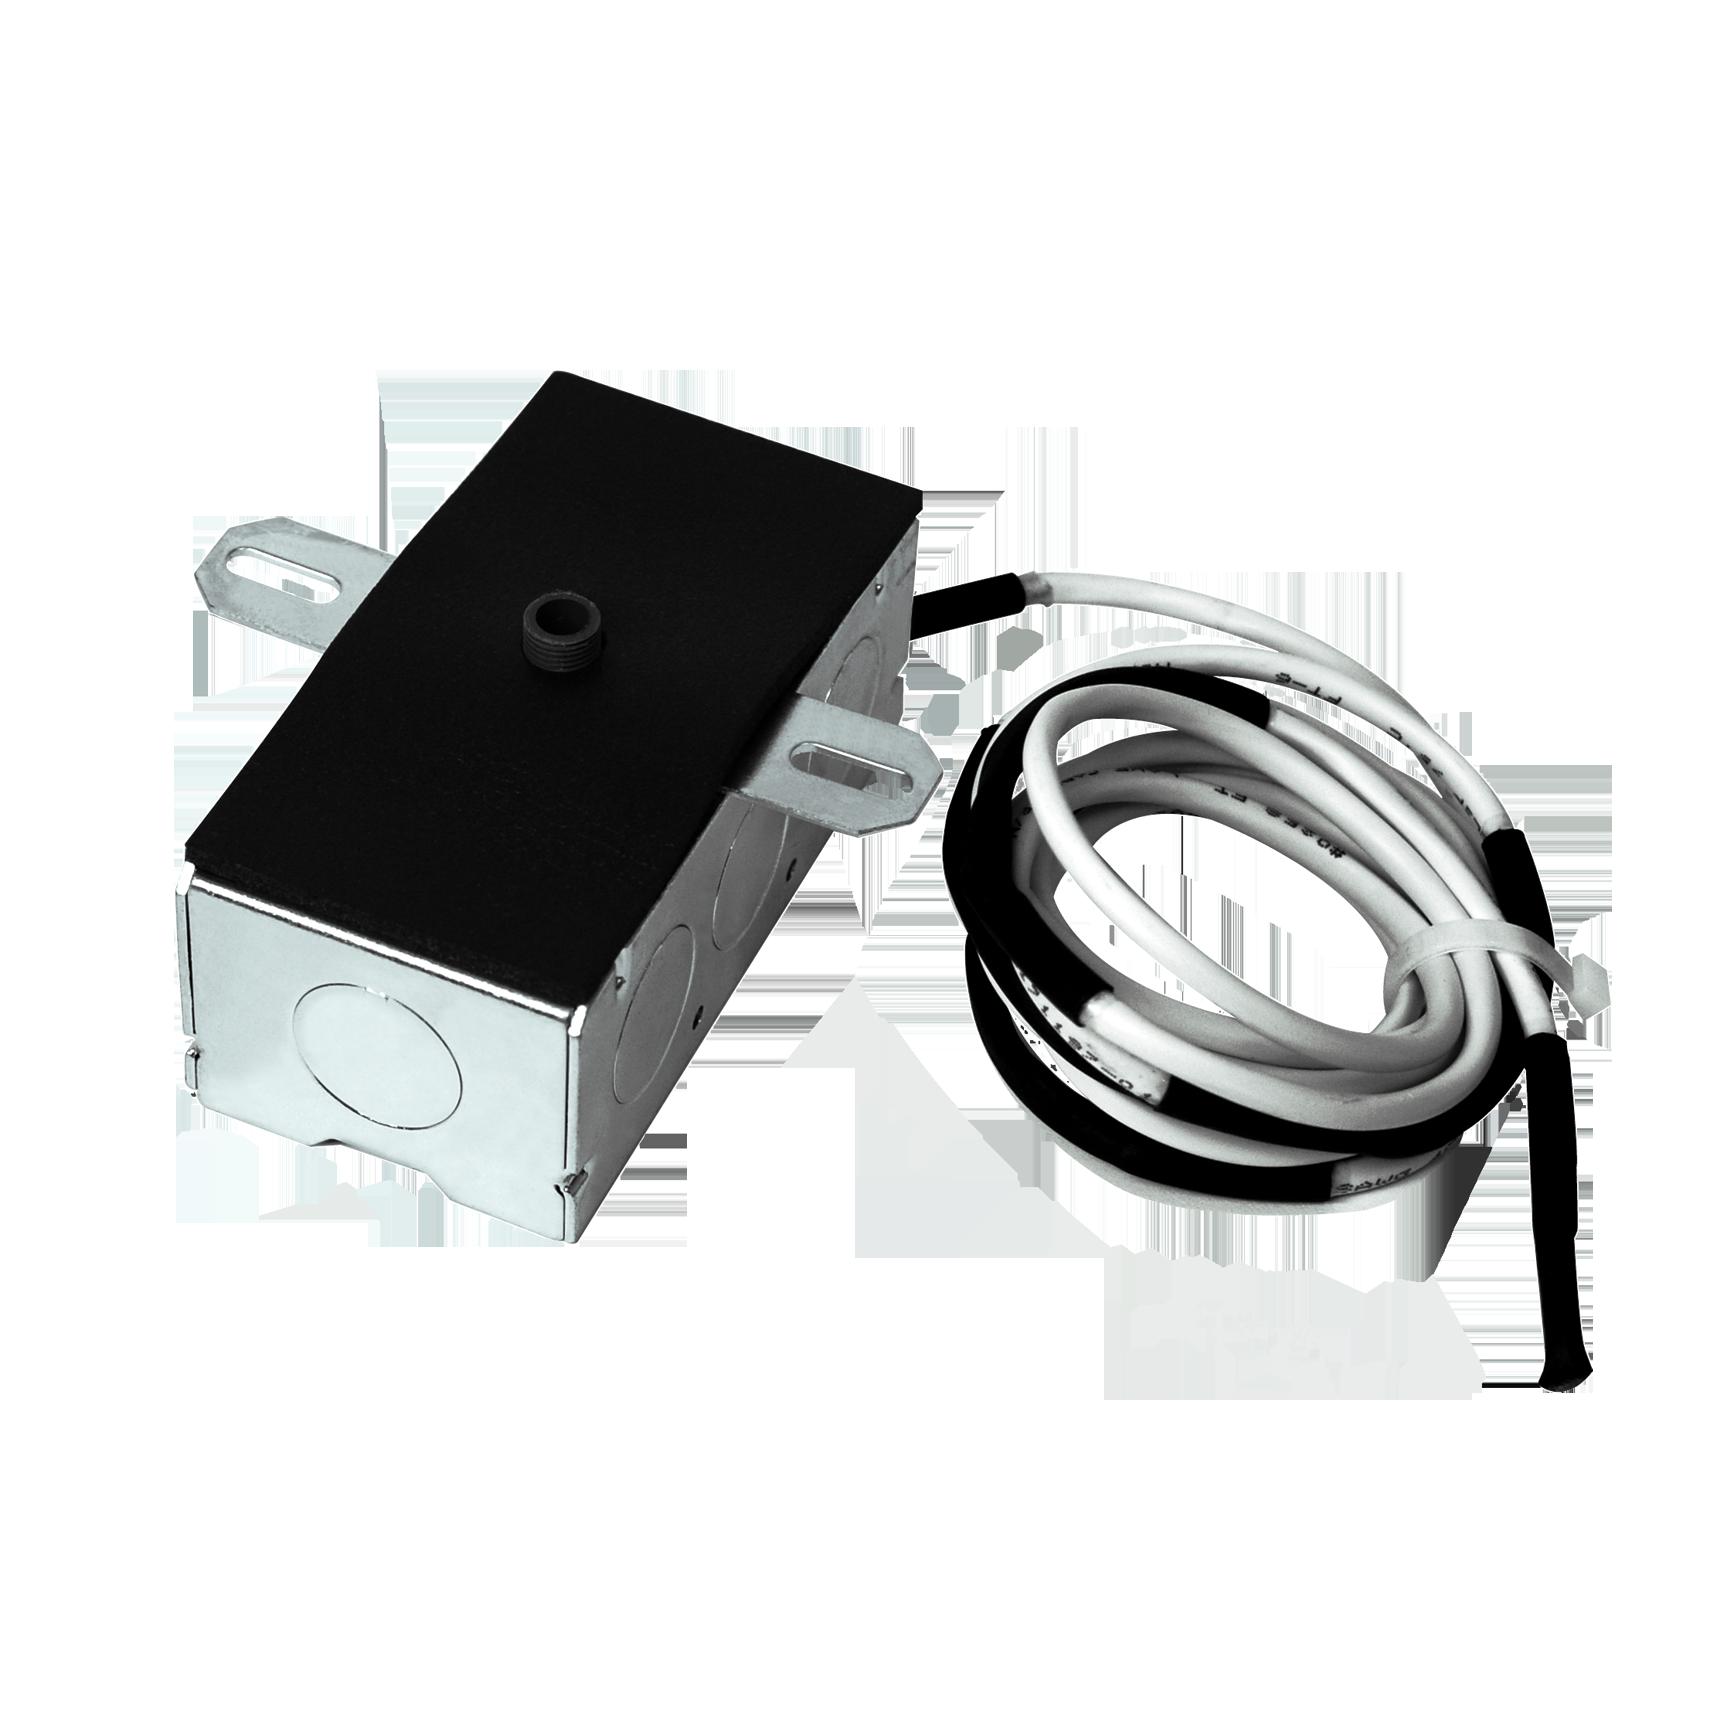 ACI A/1.8K-FA-24'-GD Flexible Averaging Temperature Sensor